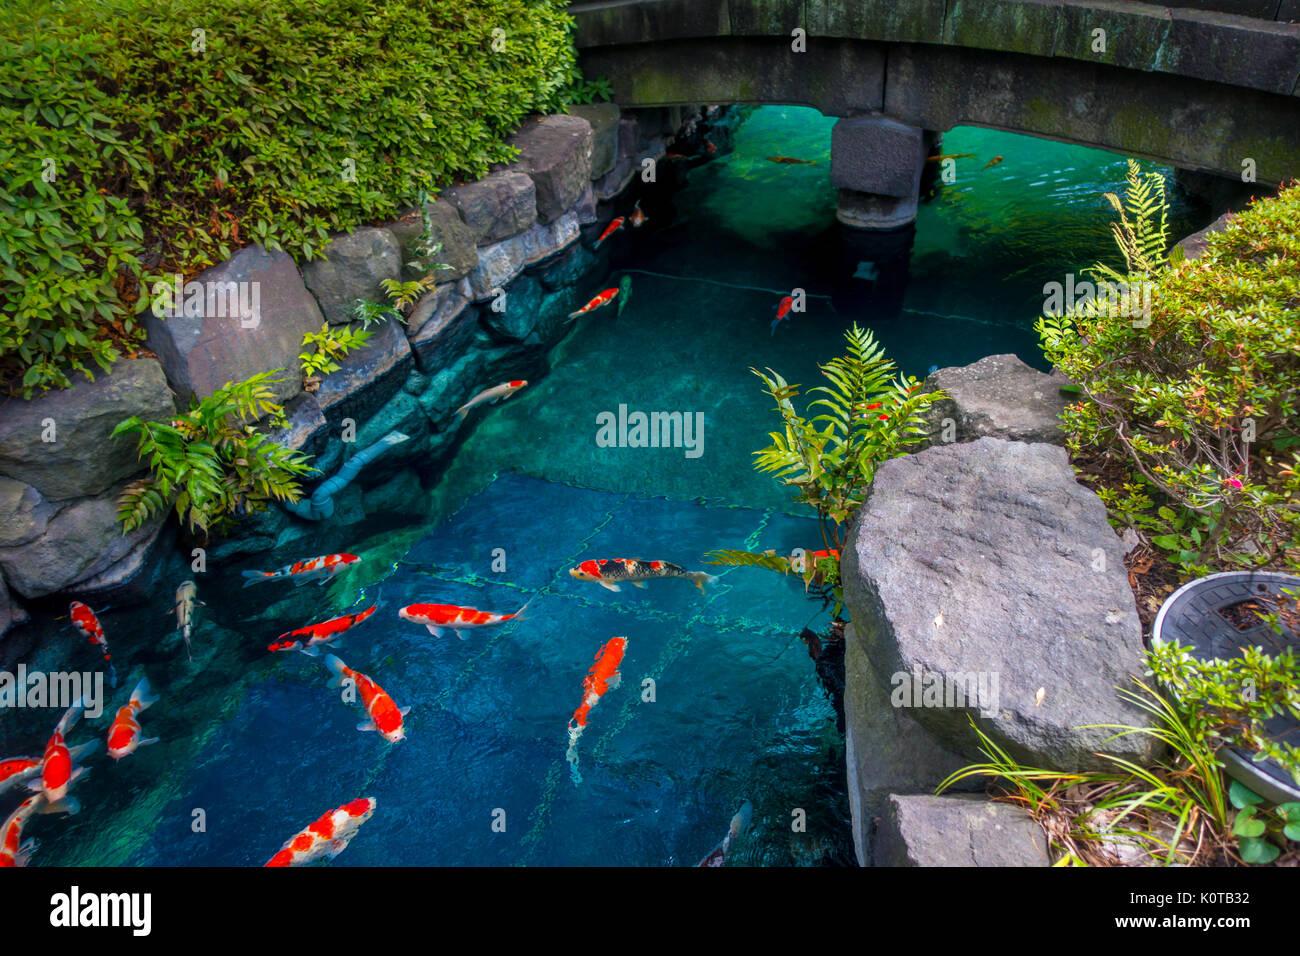 Schöne Koi-fische schwimmen in Pong in einem kleinen Fluss, Teich ...